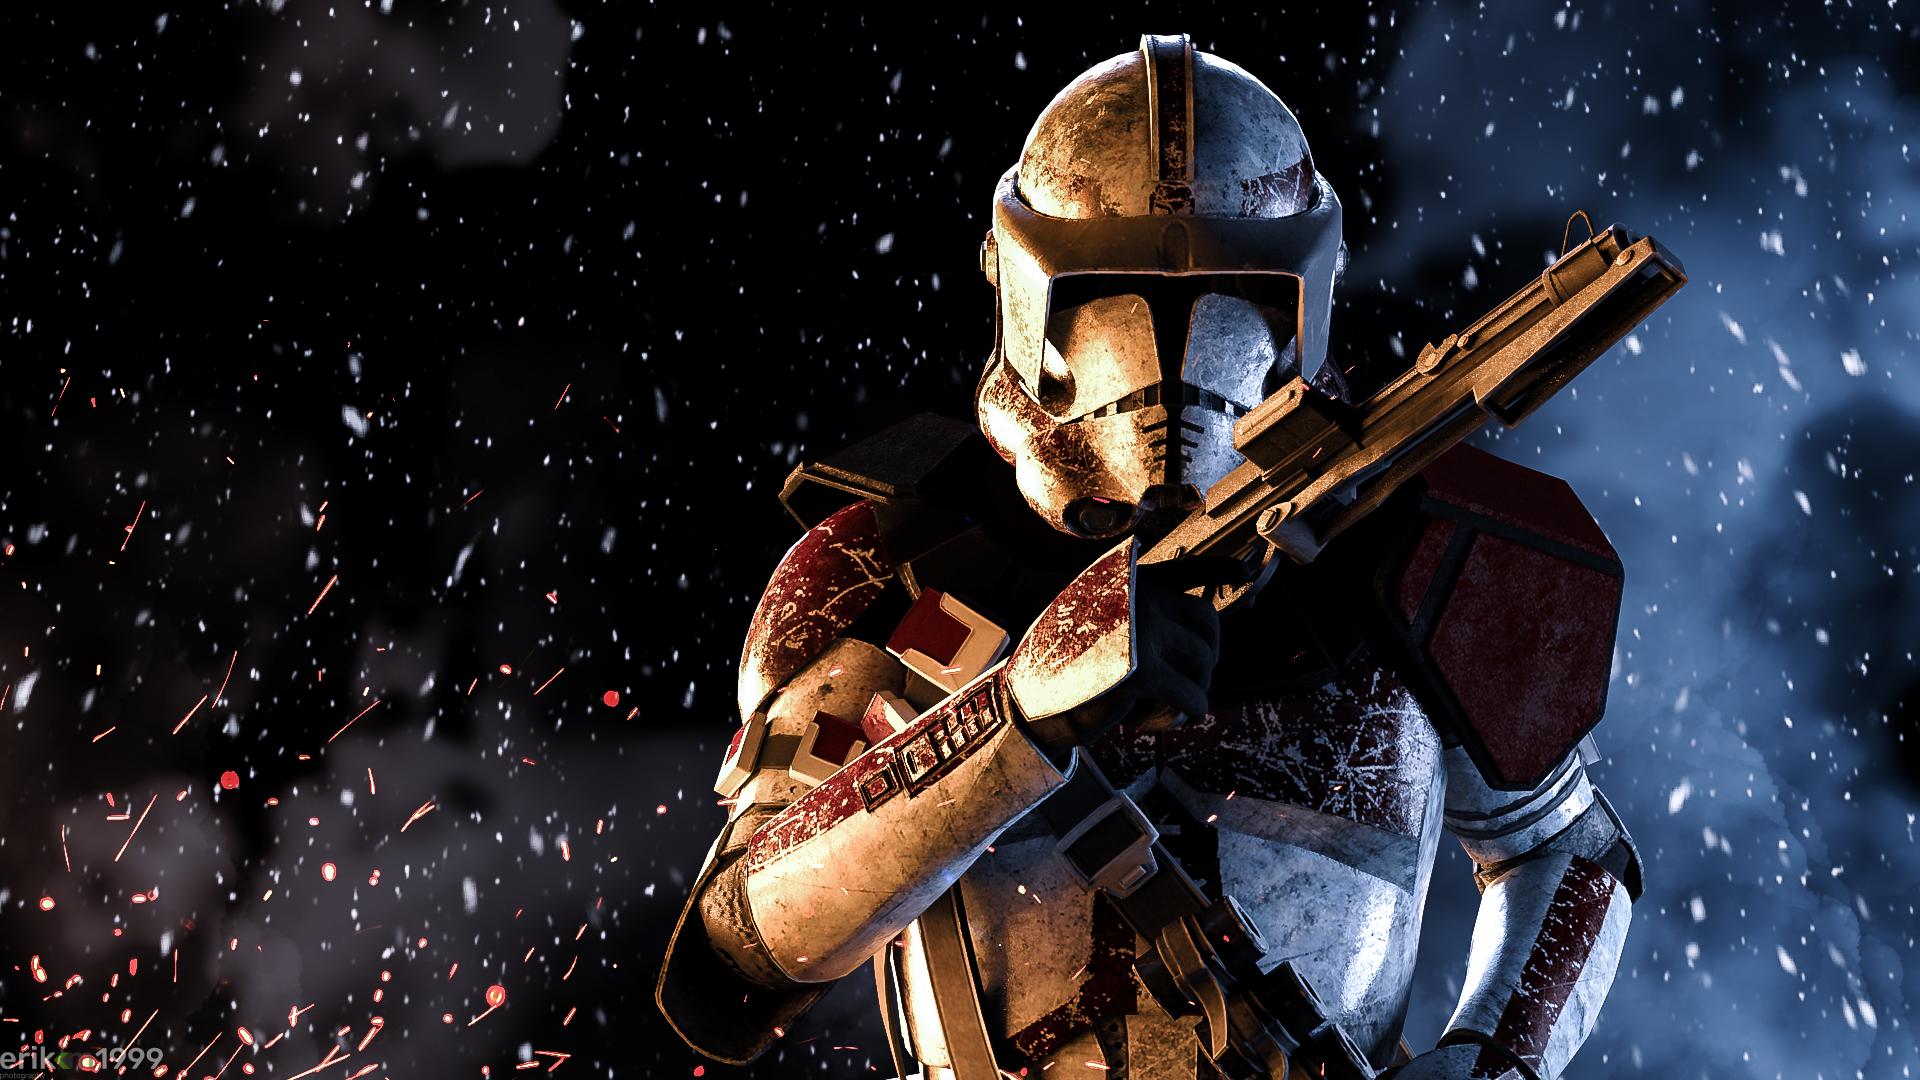 1920x1080 Clone Trooper Star Wars Hd Laptop Full Hd 1080p Hd 4k